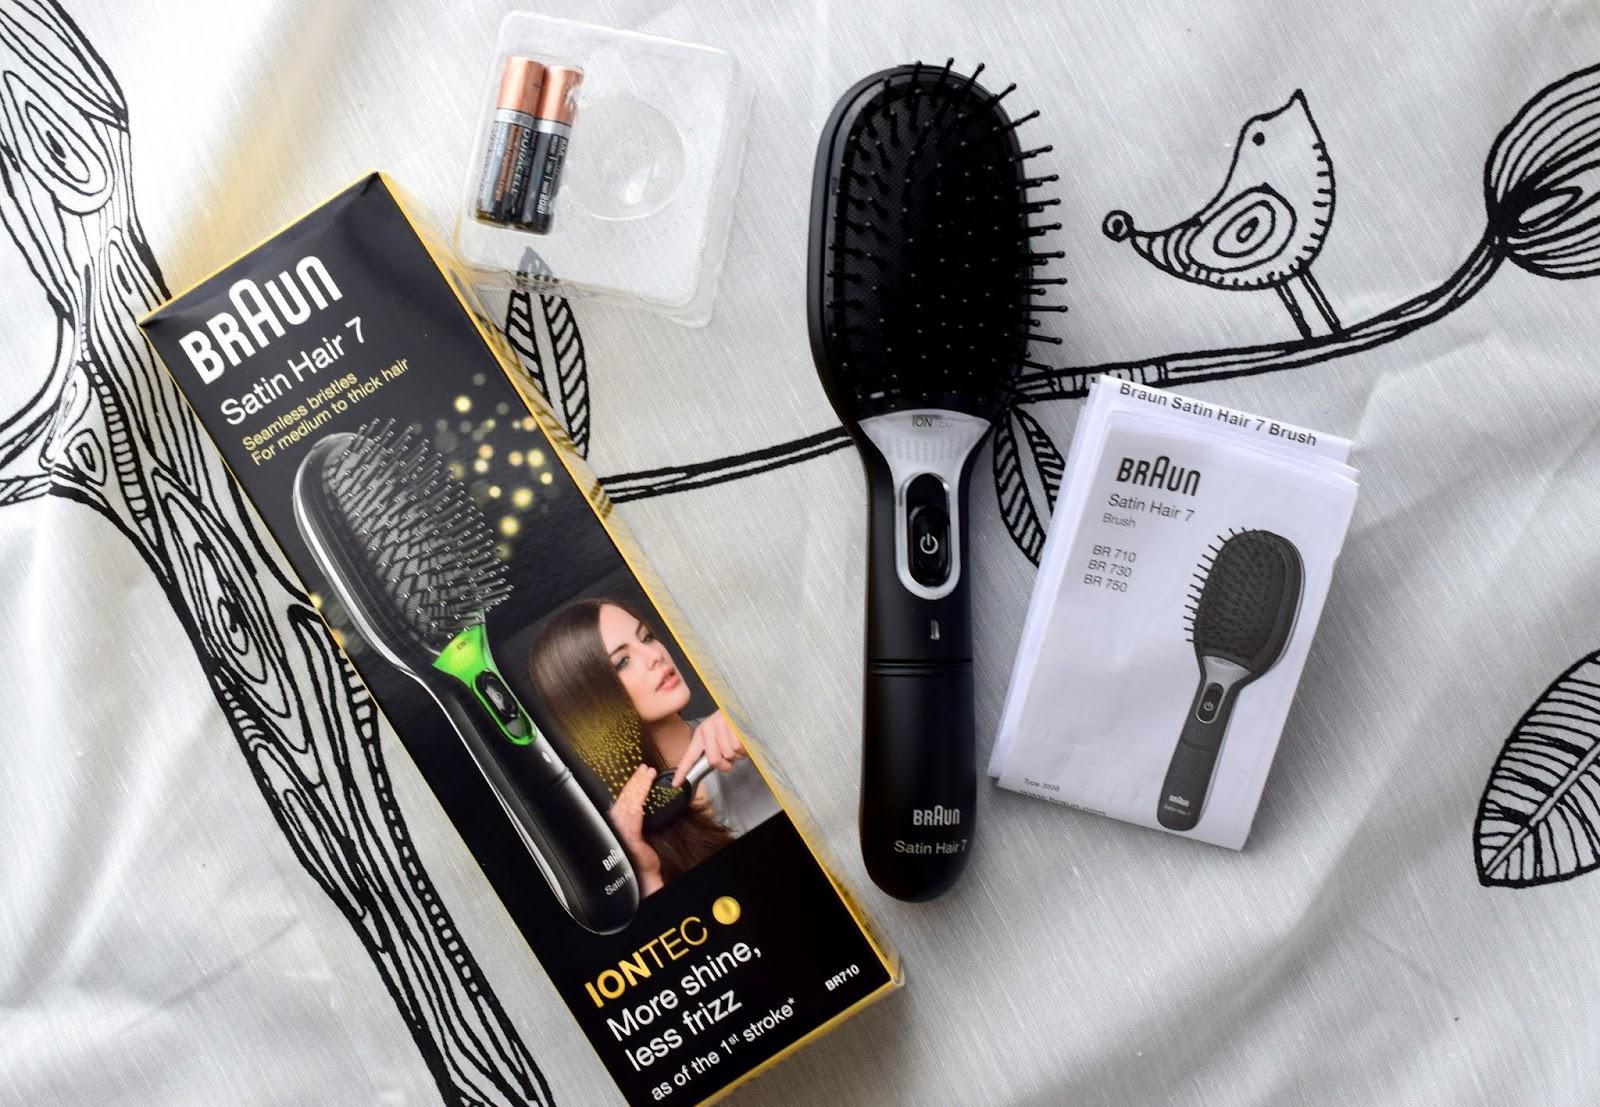 Braun Satin Hair 7 Haarbürste IONTEC Technologie Zubehör